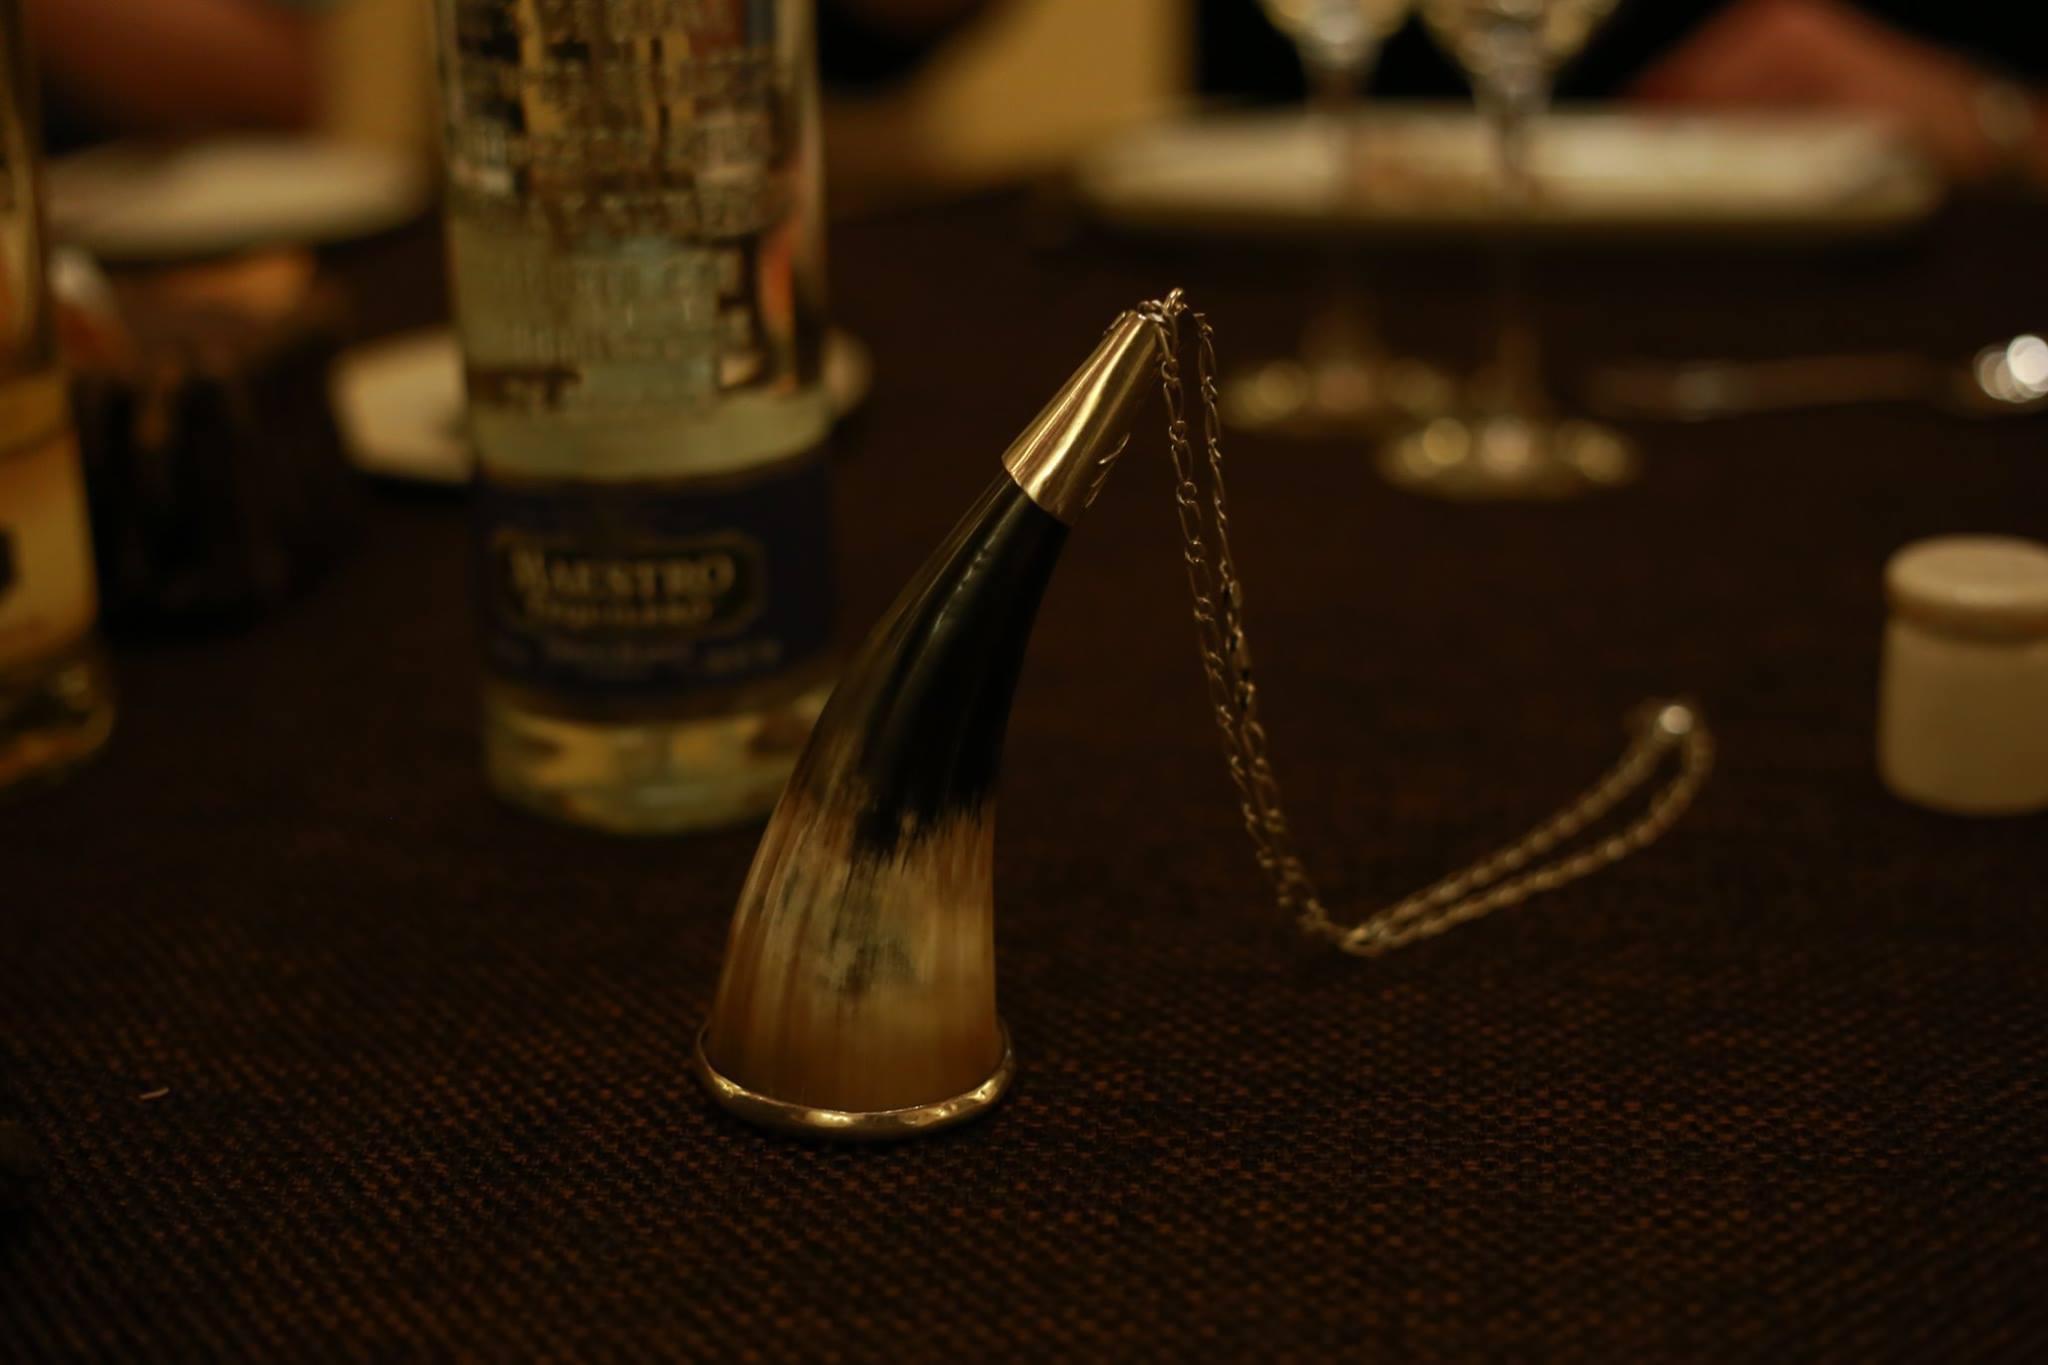 テキーラの一気飲みの起源 ― Caballitoを通して見たテキーラの横顔、カバジート、クエルニート、テキーラグラス